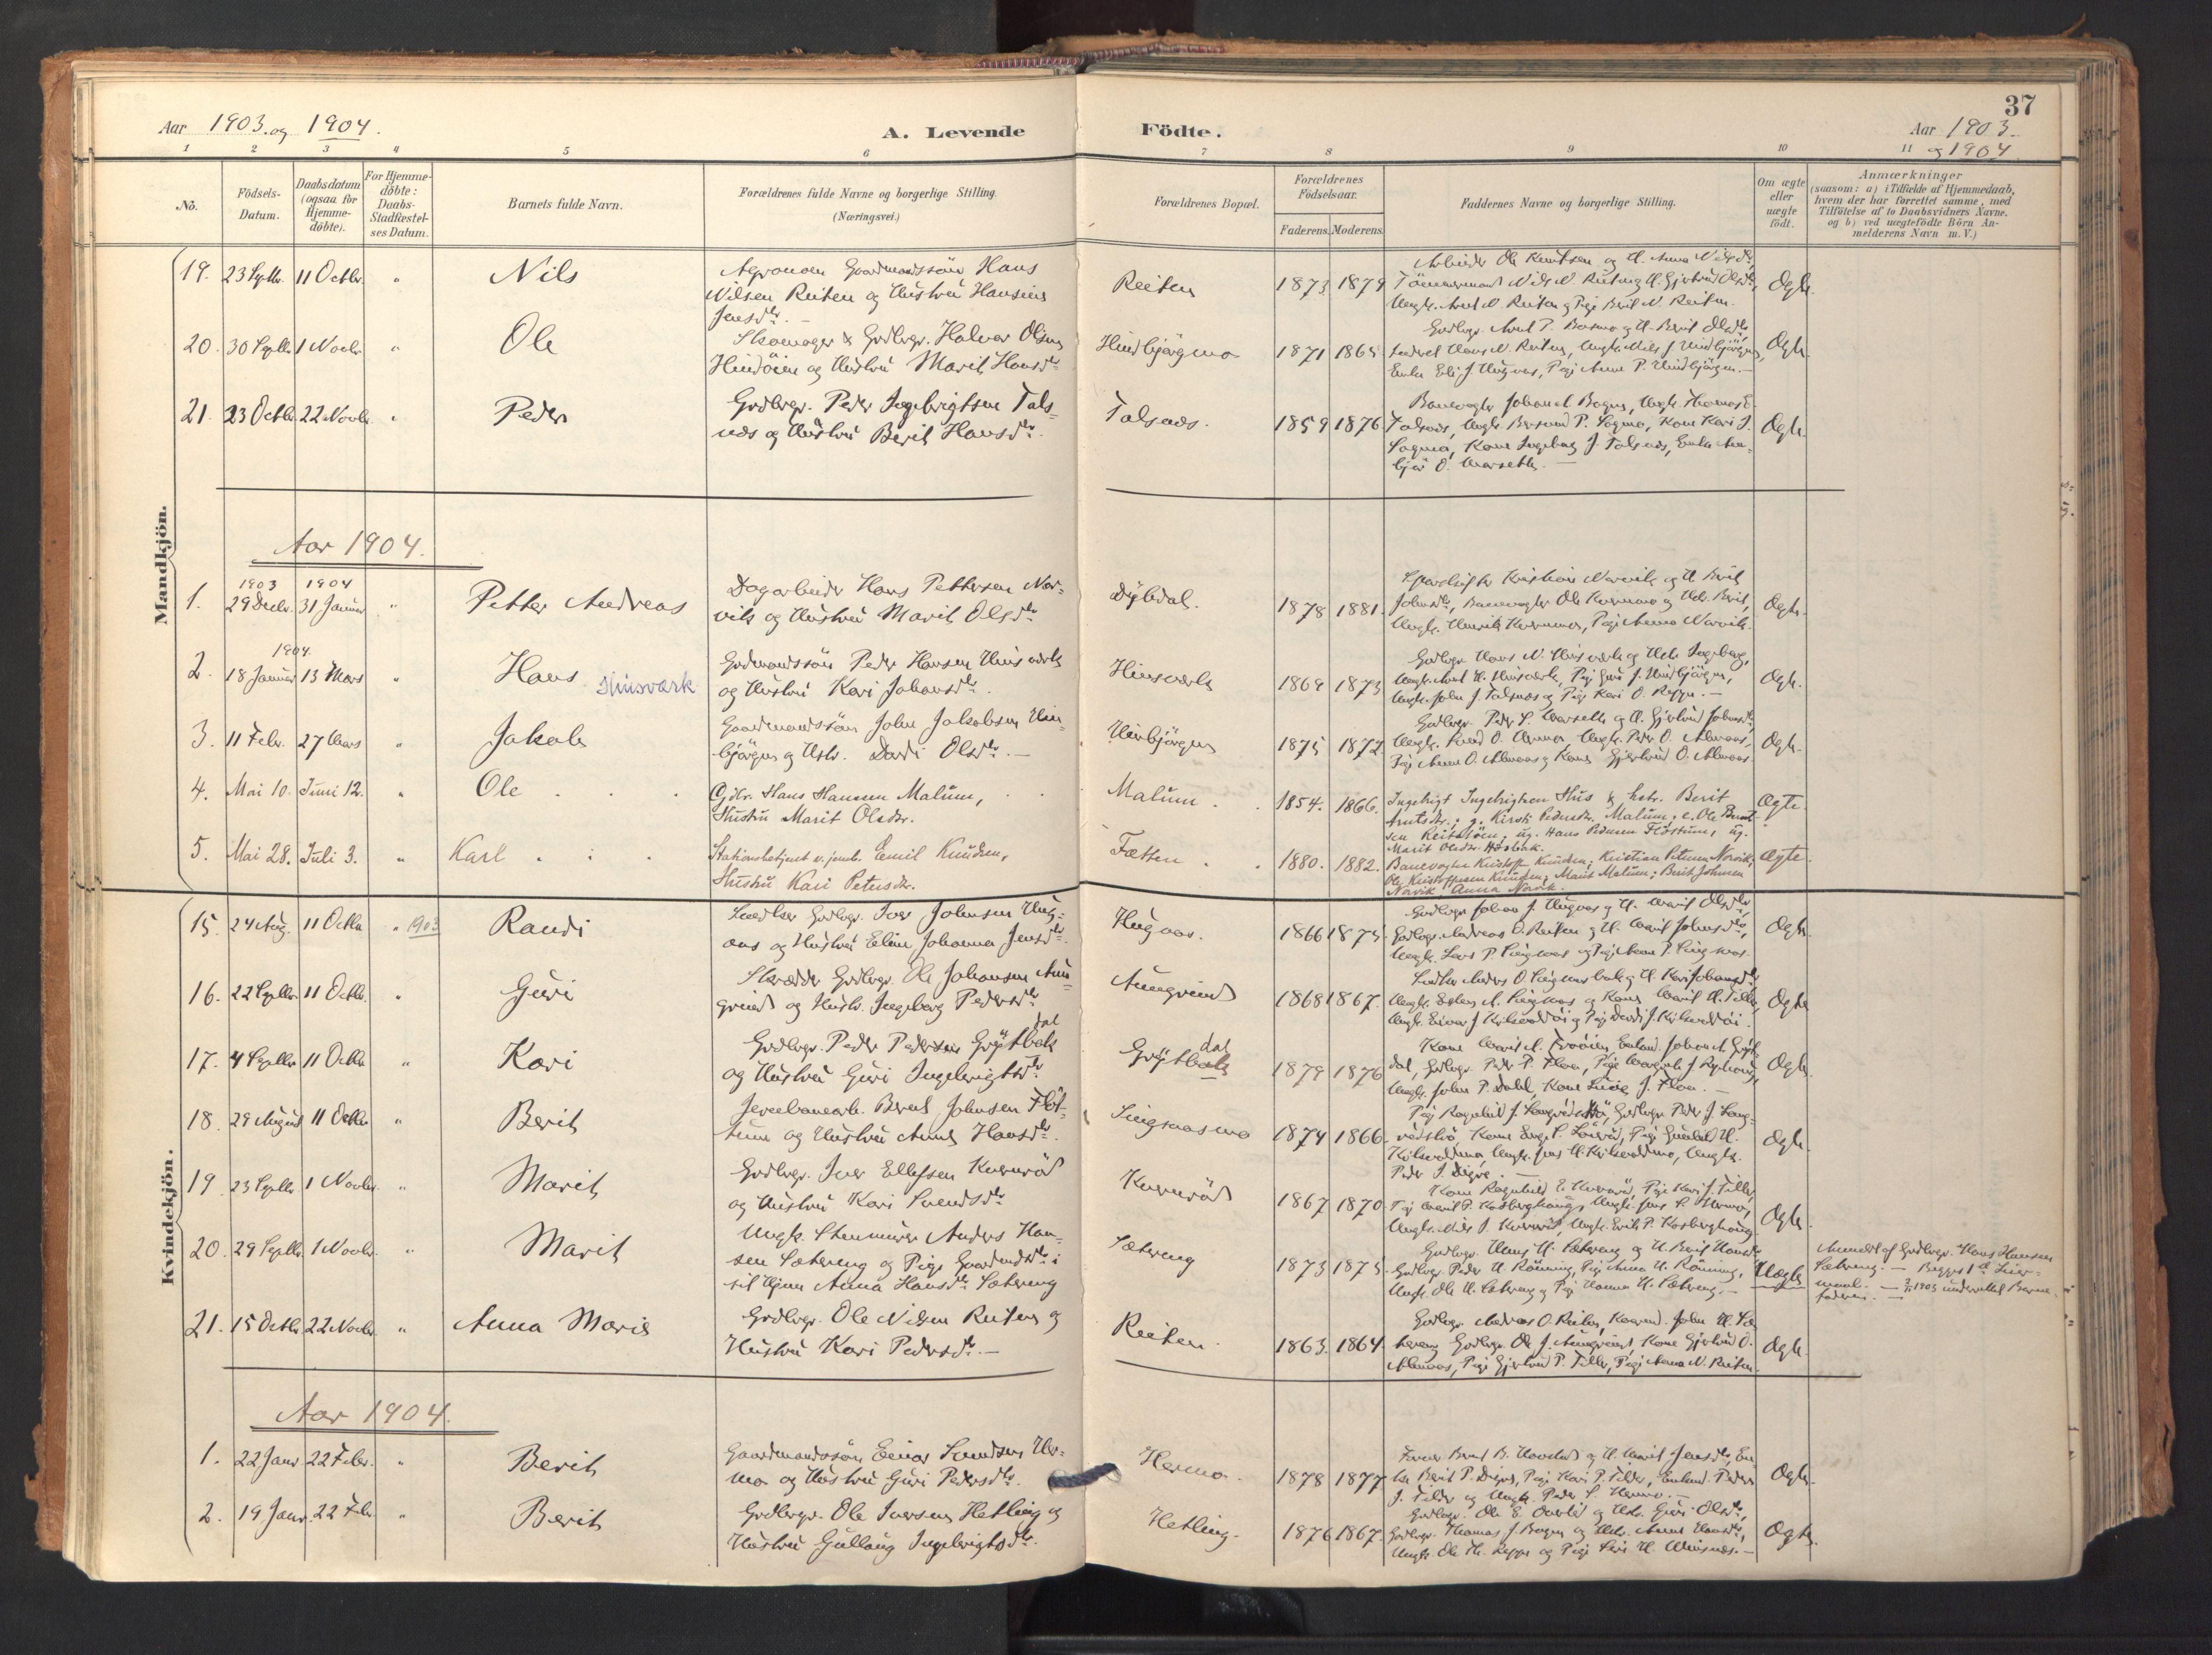 SAT, Ministerialprotokoller, klokkerbøker og fødselsregistre - Sør-Trøndelag, 688/L1025: Ministerialbok nr. 688A02, 1891-1909, s. 37